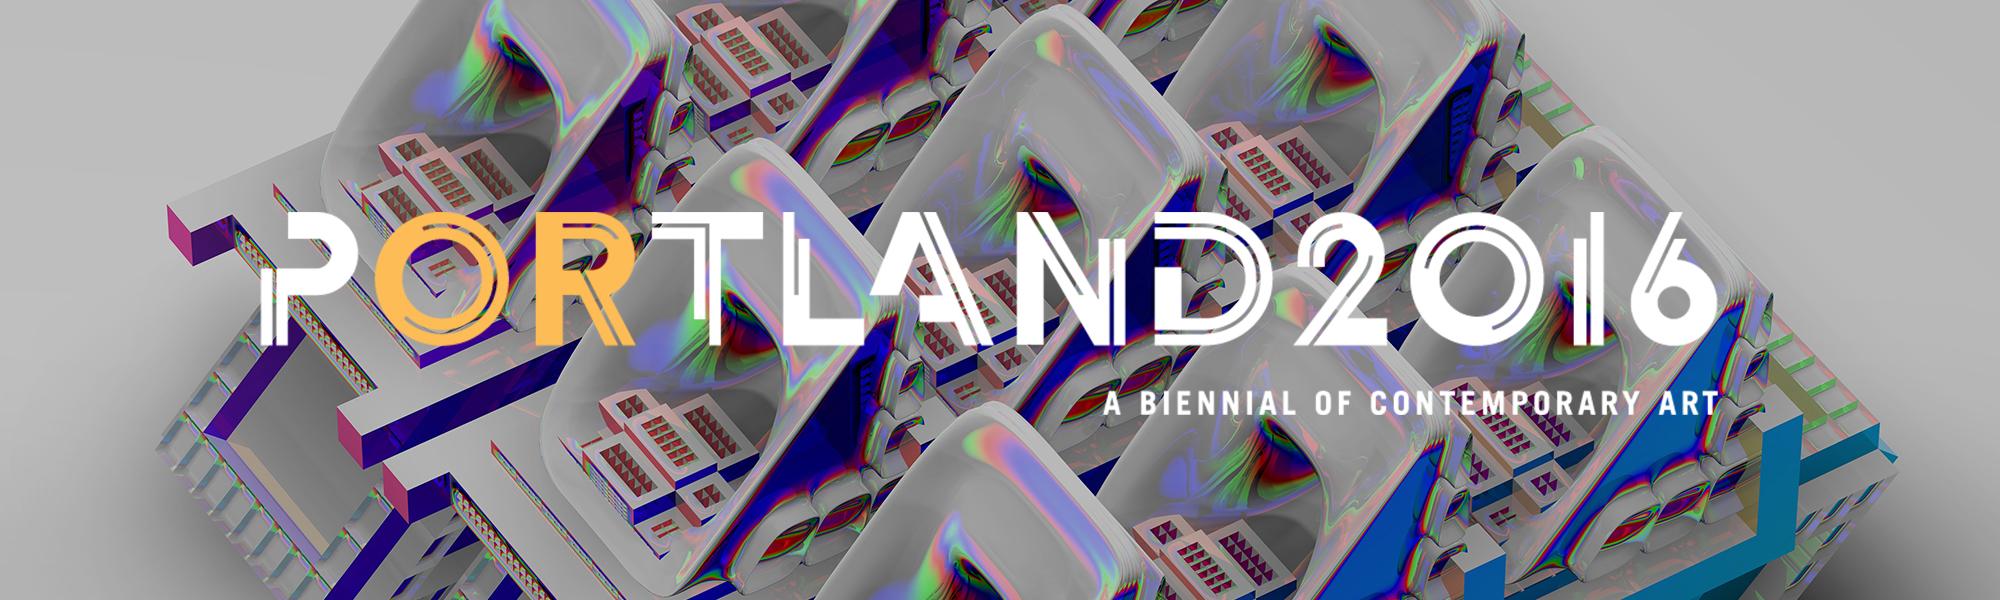 portland2016_page_header